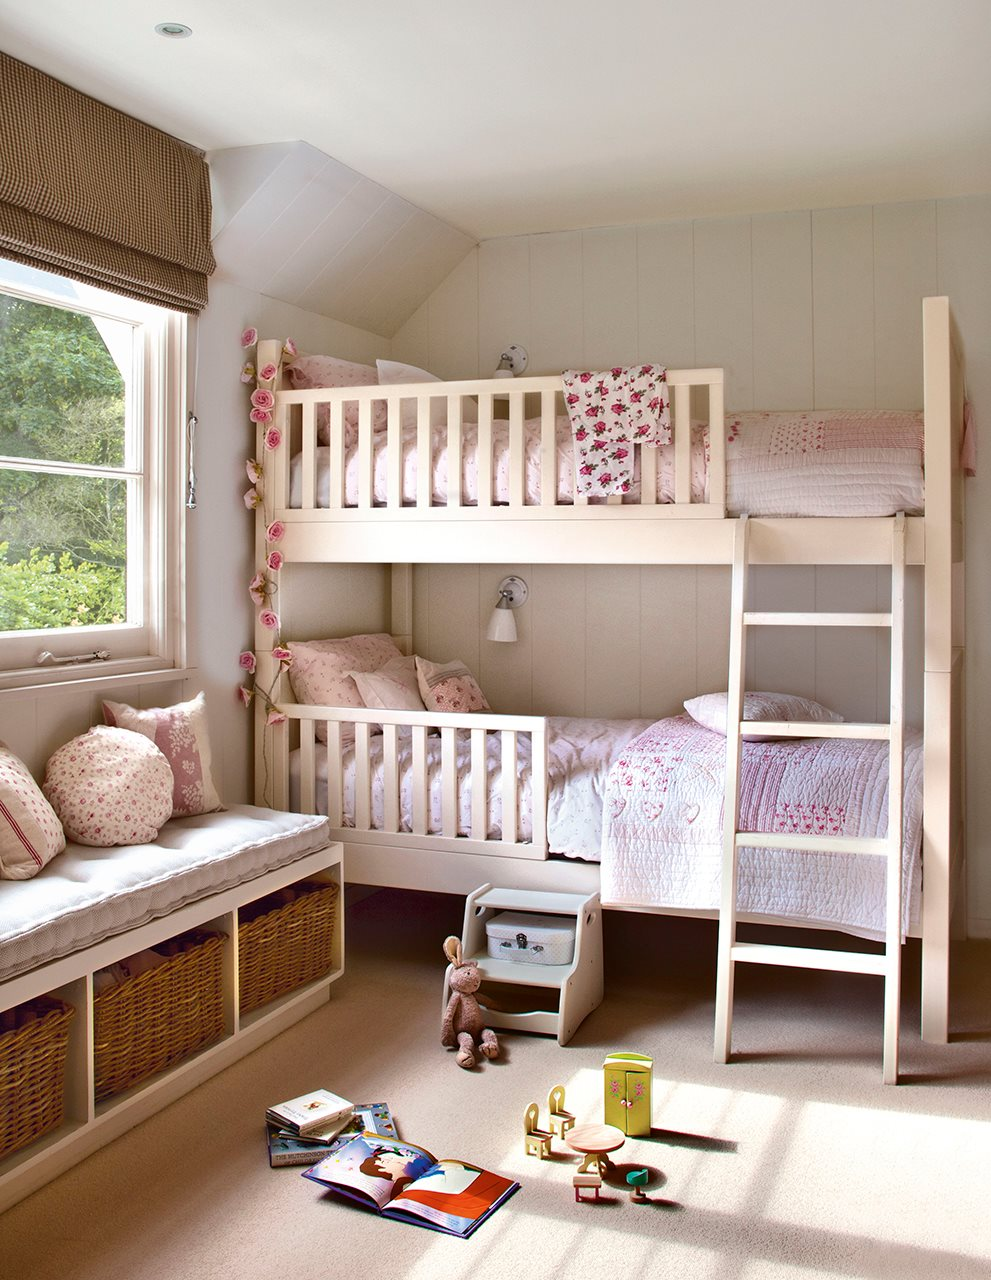 10 ideas para una habitaci n de dos o m s - Habitacion para 2 ninos ...